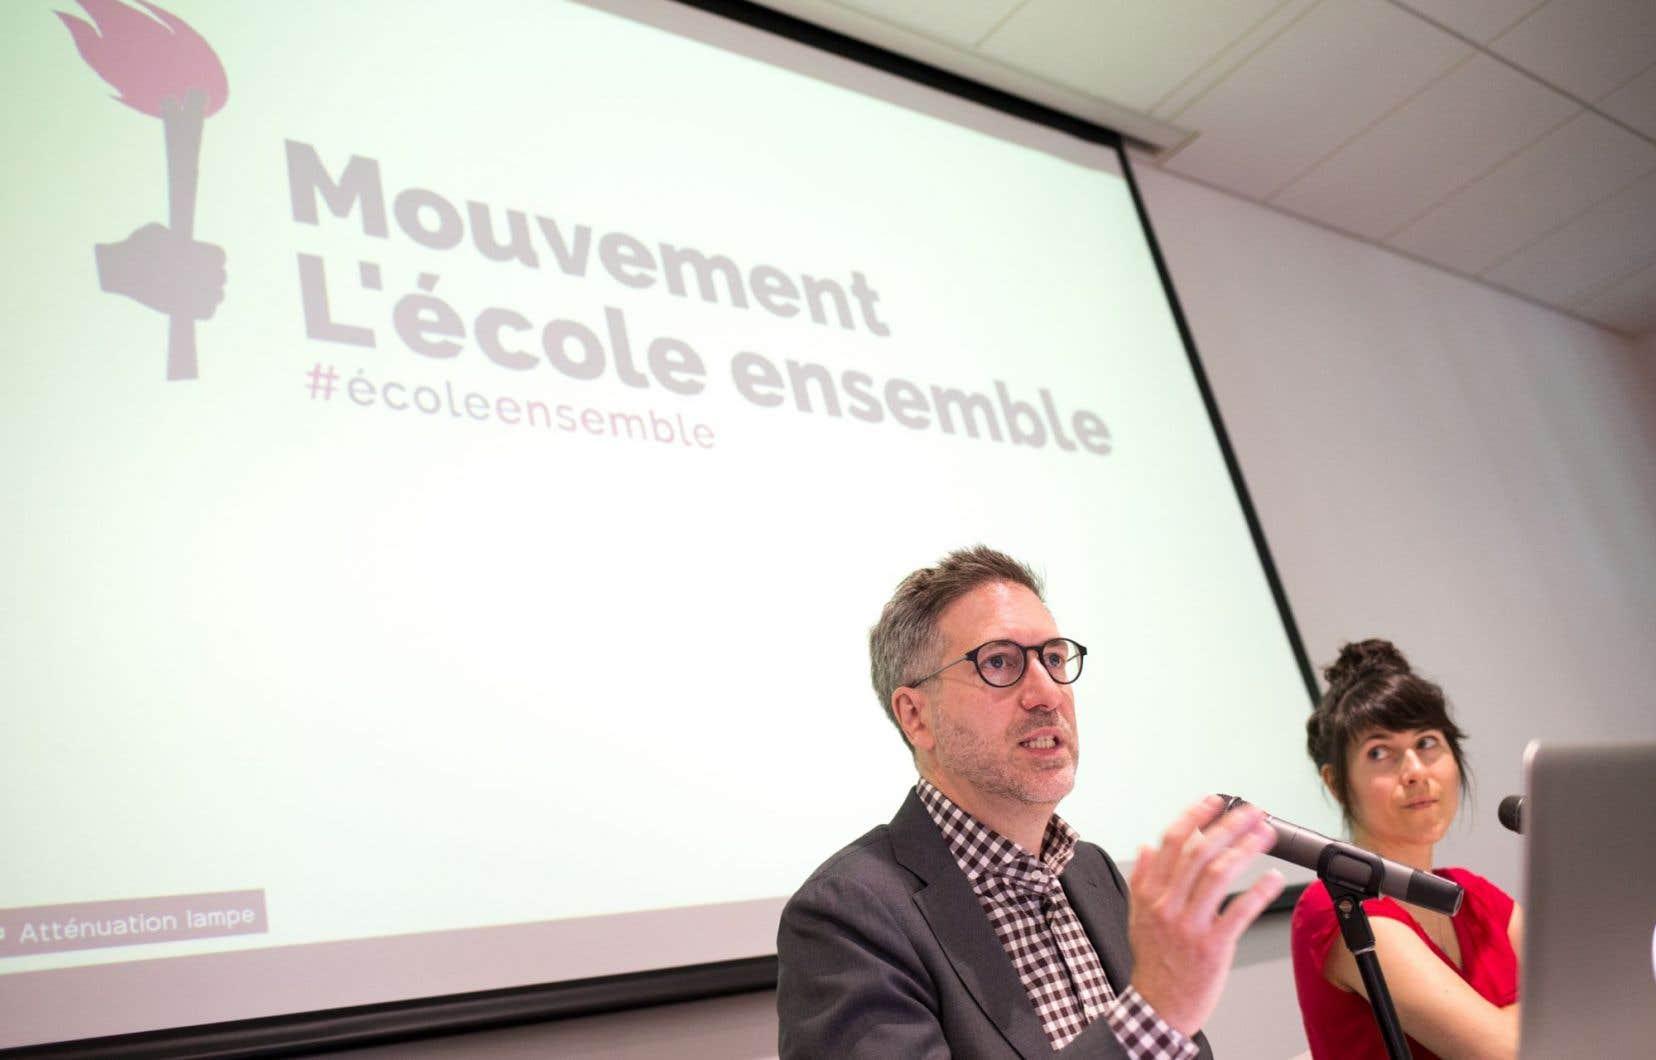 L'instigateur du mouvement veut s'attaquer au financement public des écoles privées.